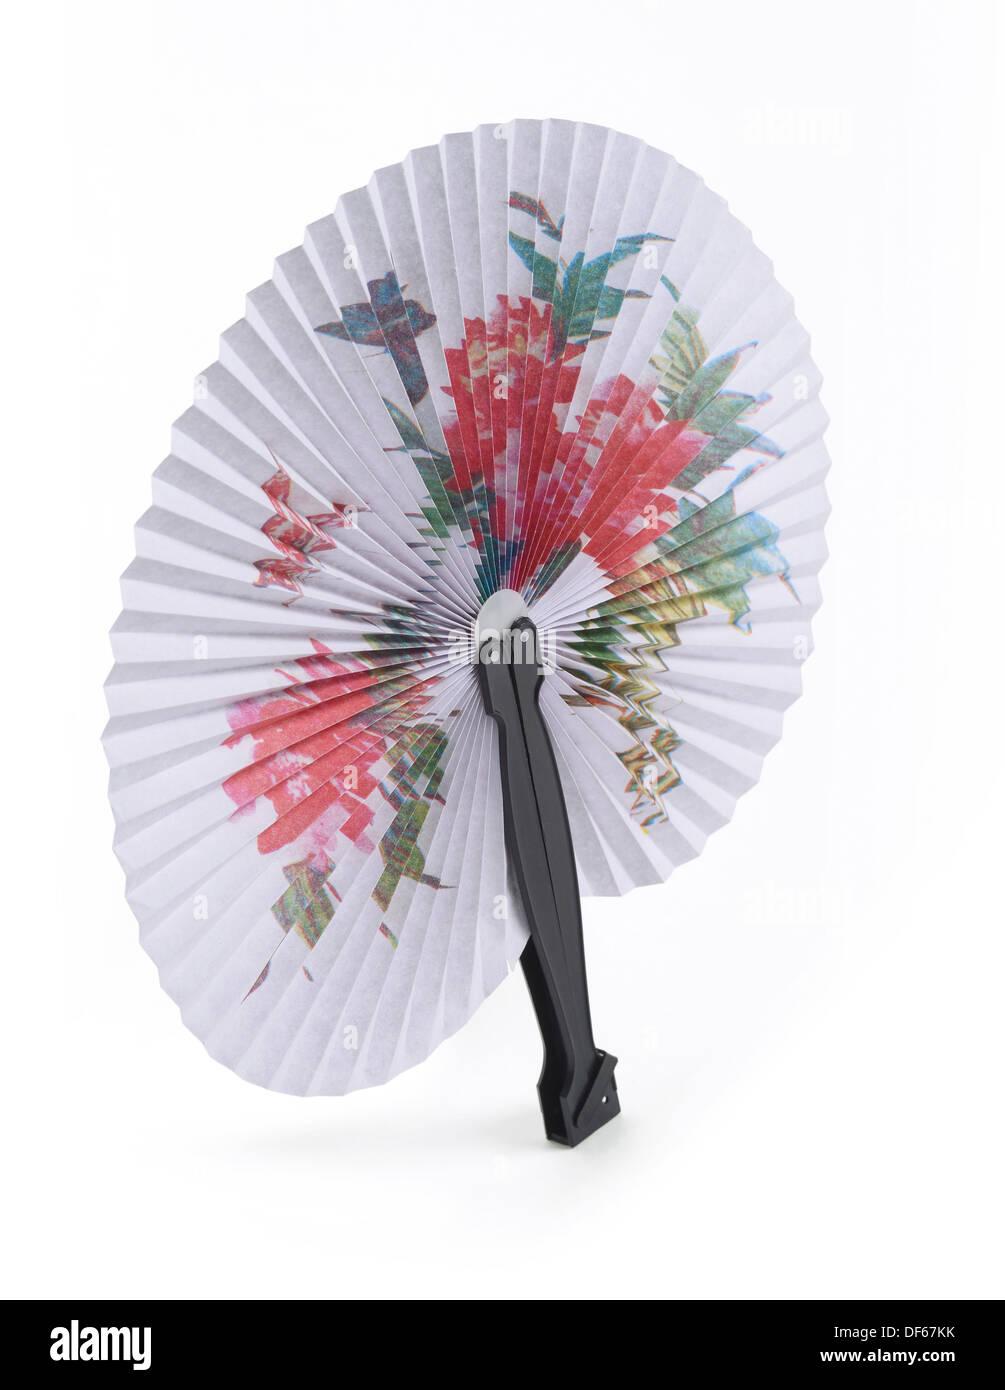 El papel y el plástico del ventilador de mano Imagen De Stock